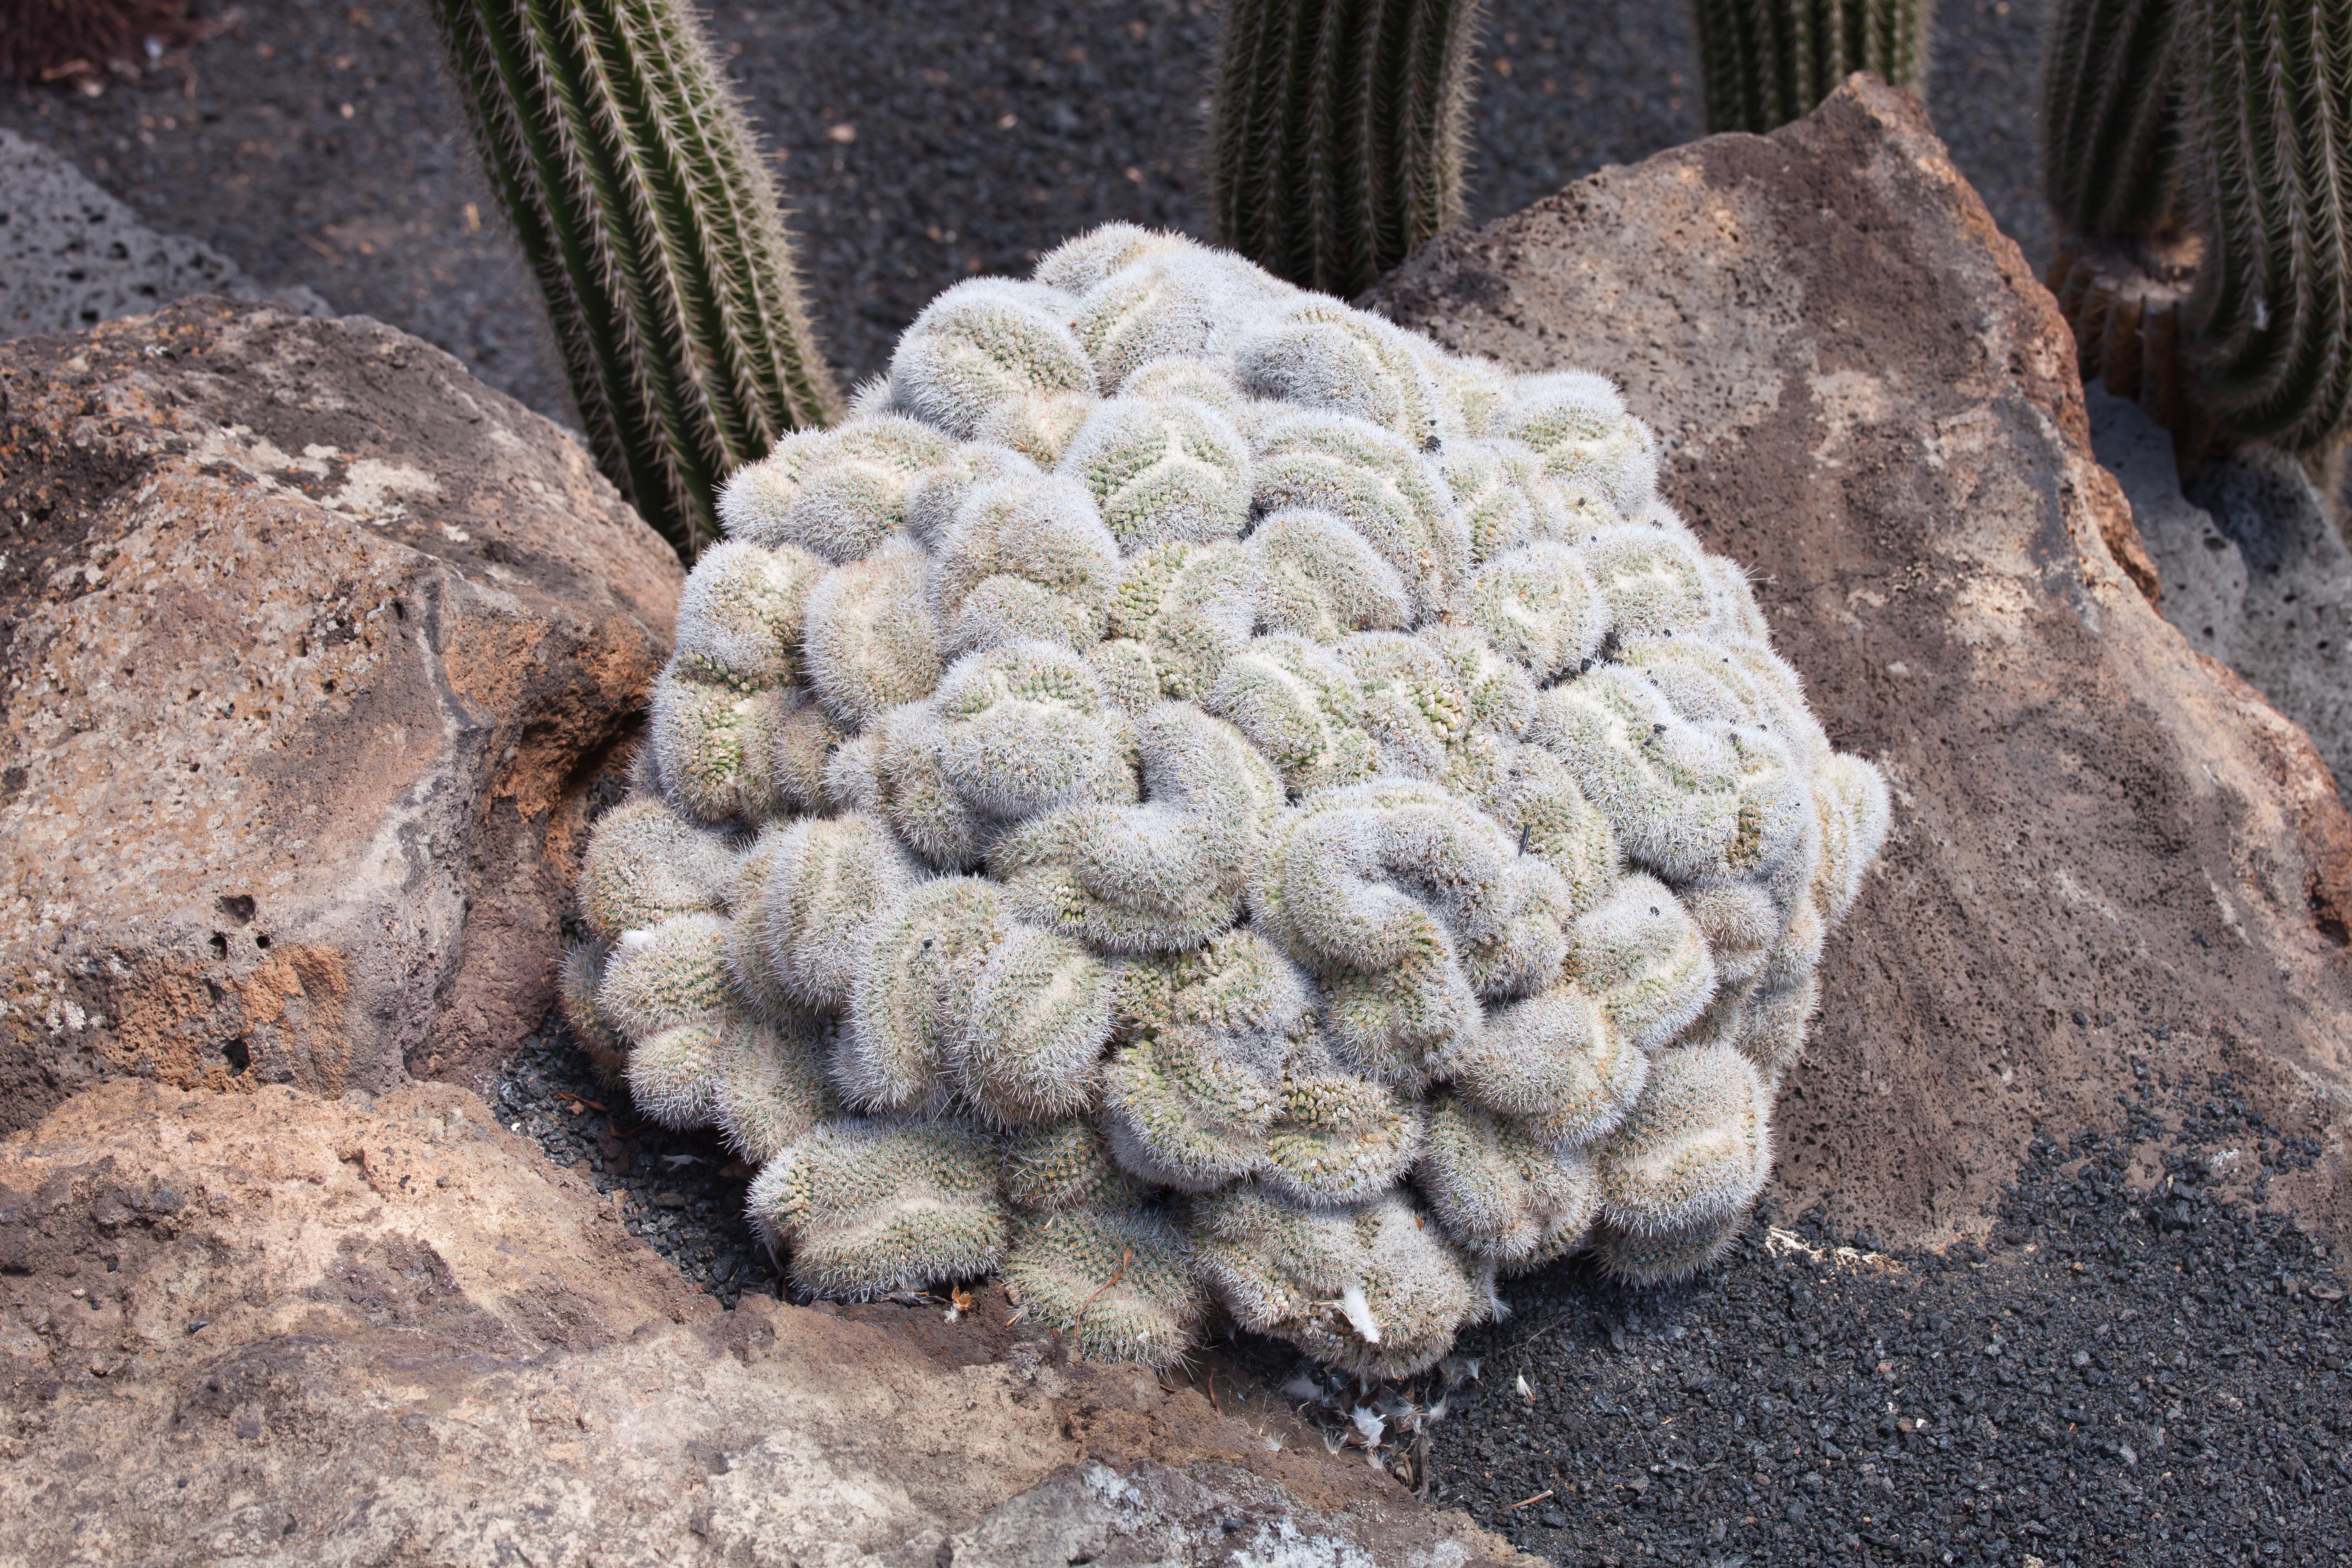 filejardn de cactus lanzarote jjpg